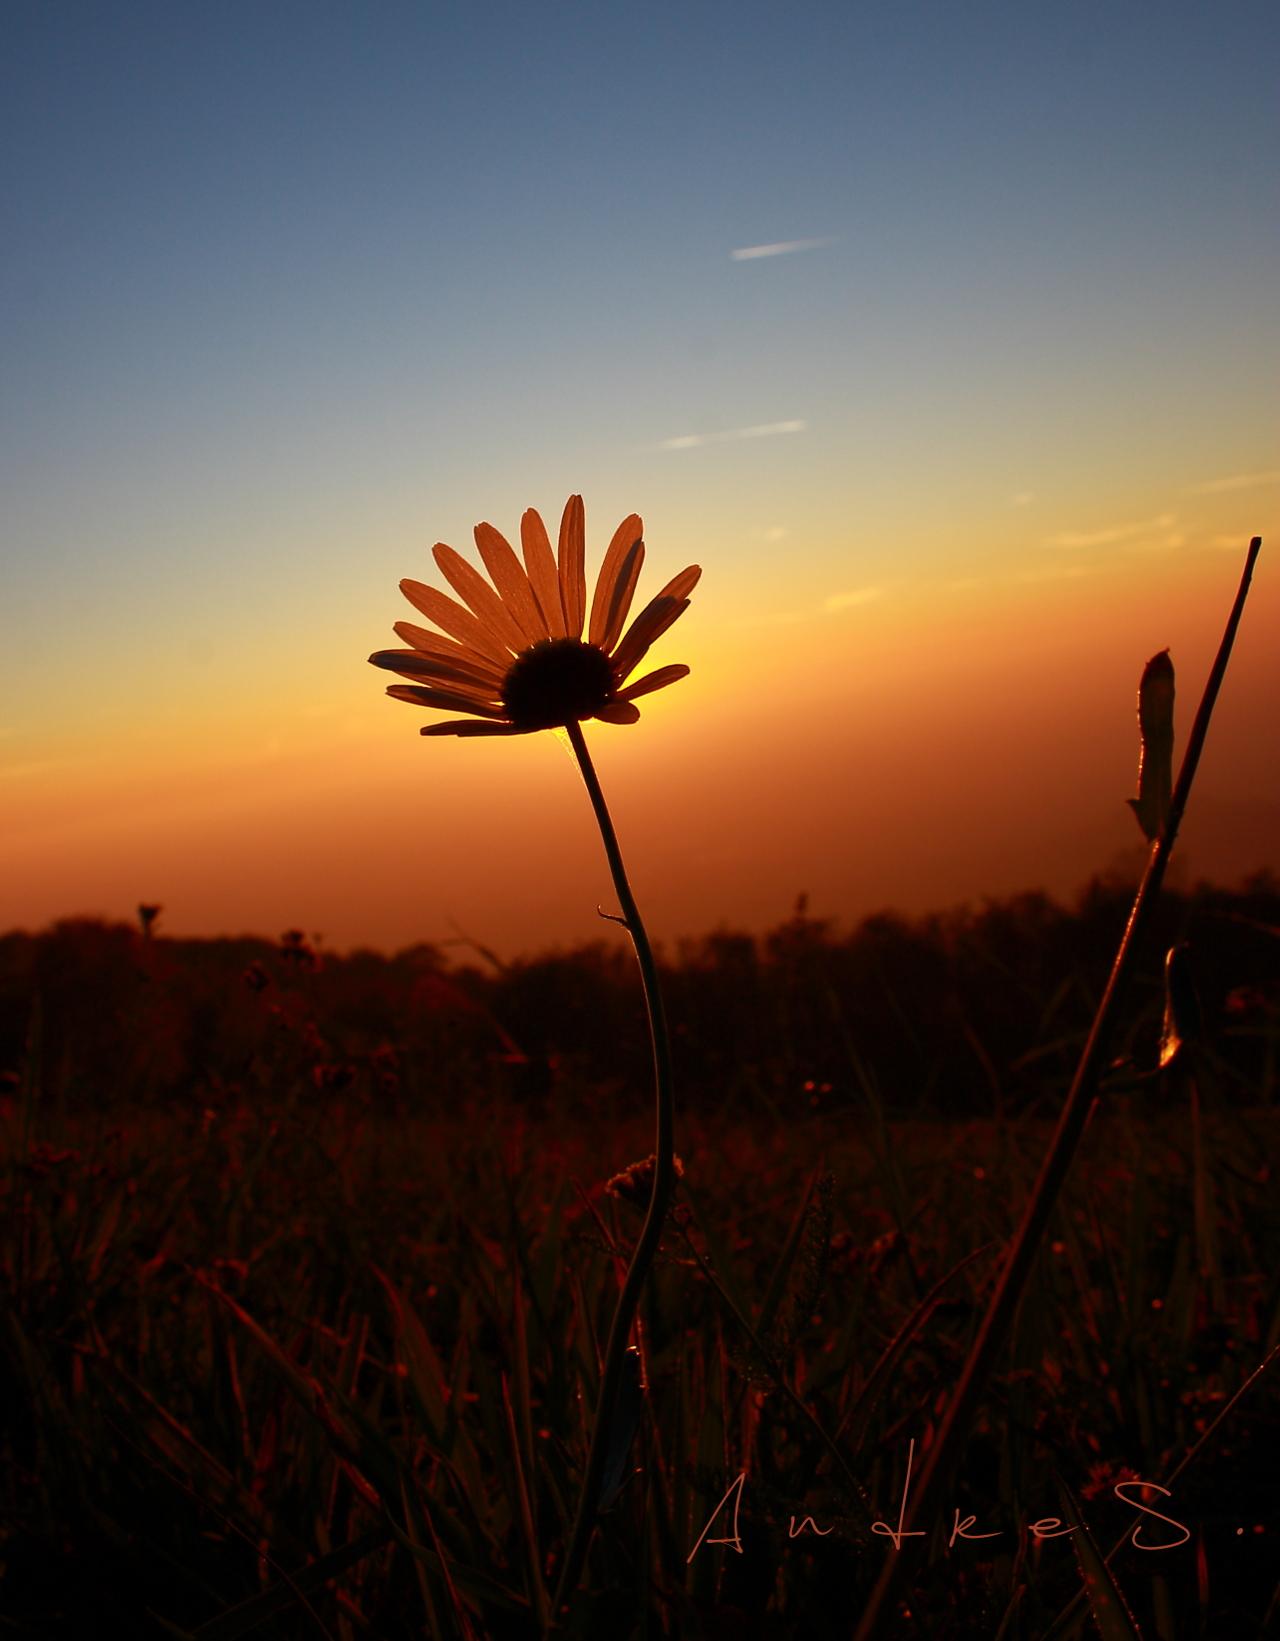 I enjoy the sunset...